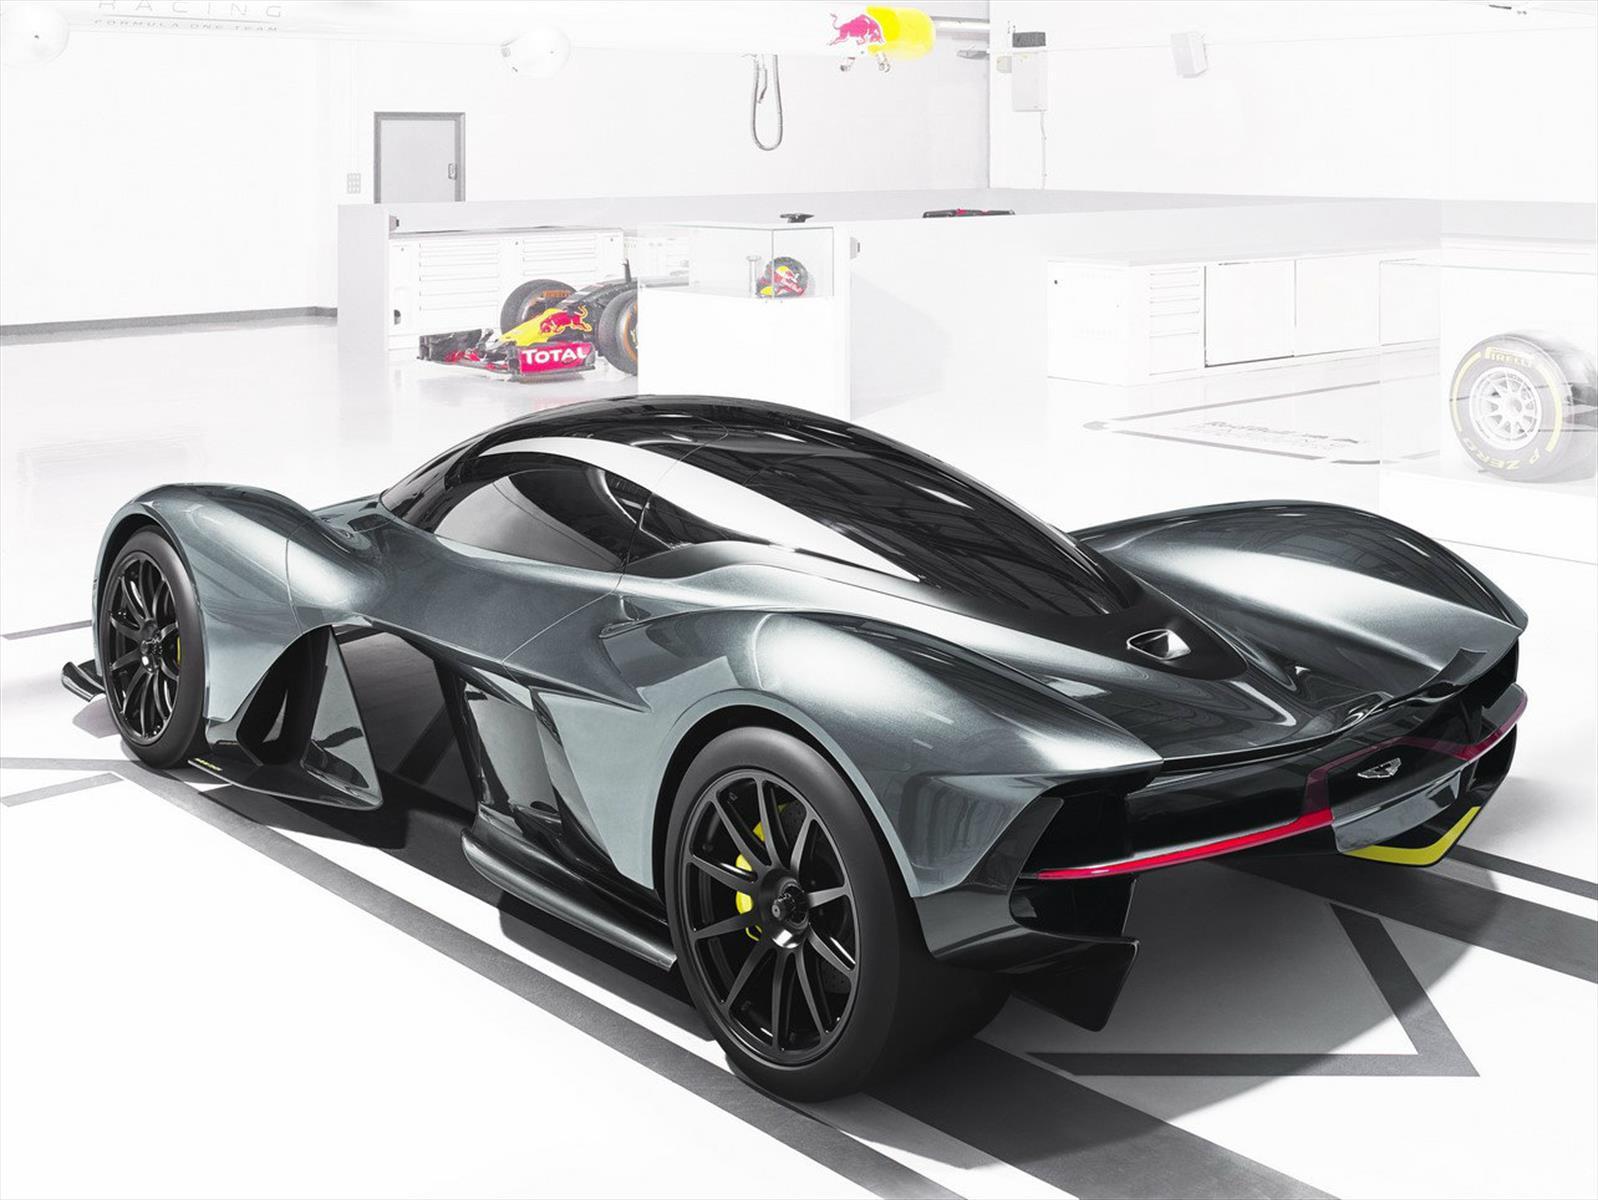 AM-RB 001: El hijo prodigio de Aston Martin y Red Bull